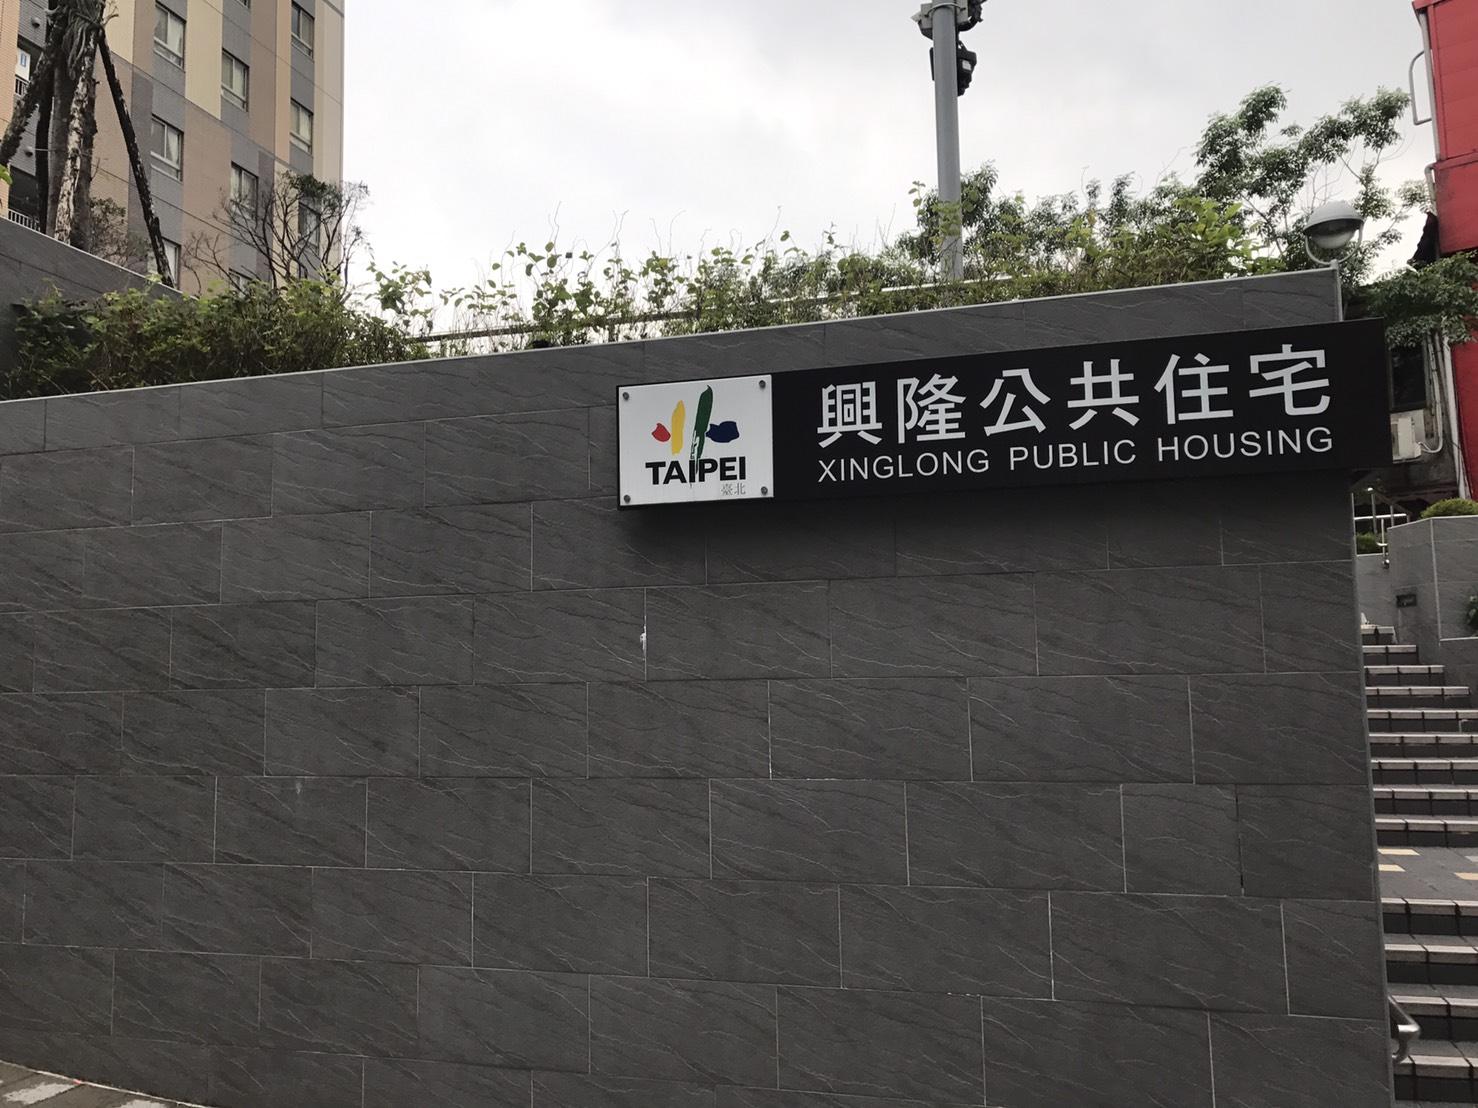 議員徐弘庭認為,政府建設公宅為蓋而蓋,需要重新檢討。攝影/許祐祥